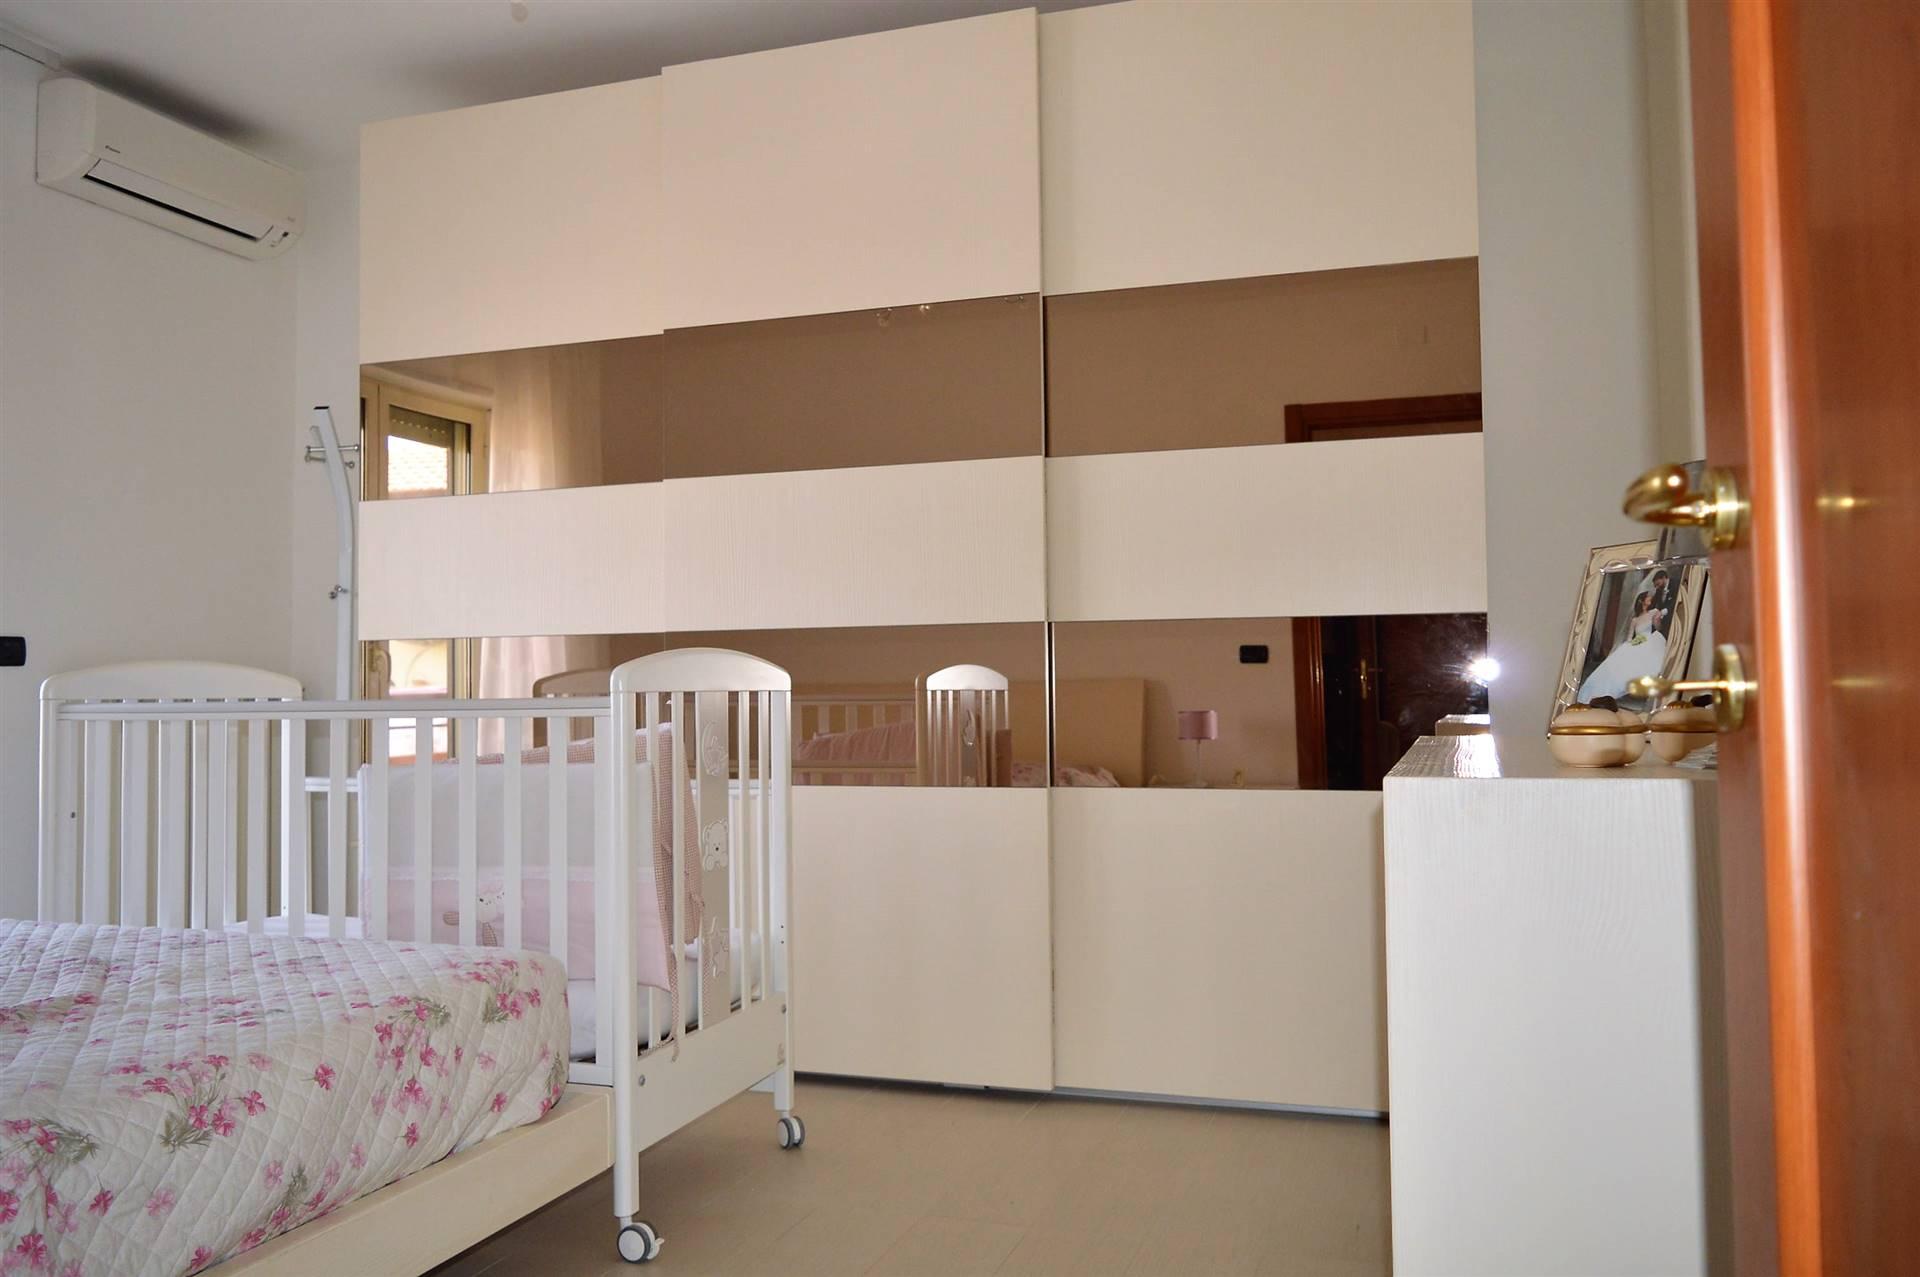 av921b-Appartamento-SANTA-MARIA-CAPUA-VETERE-via-achille-grandi